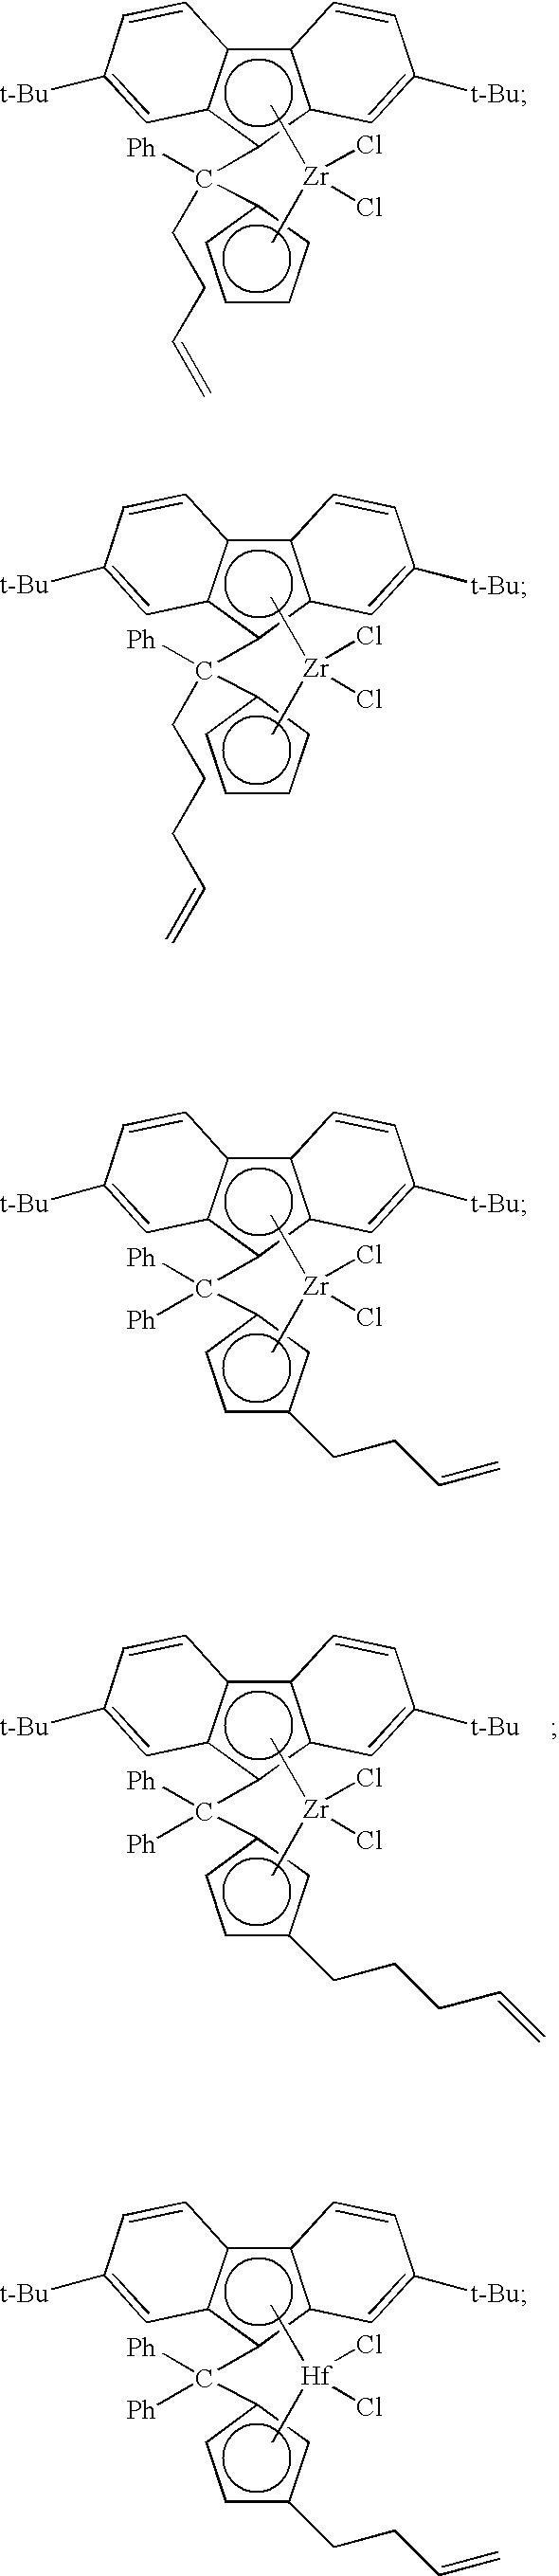 Figure US08329834-20121211-C00007